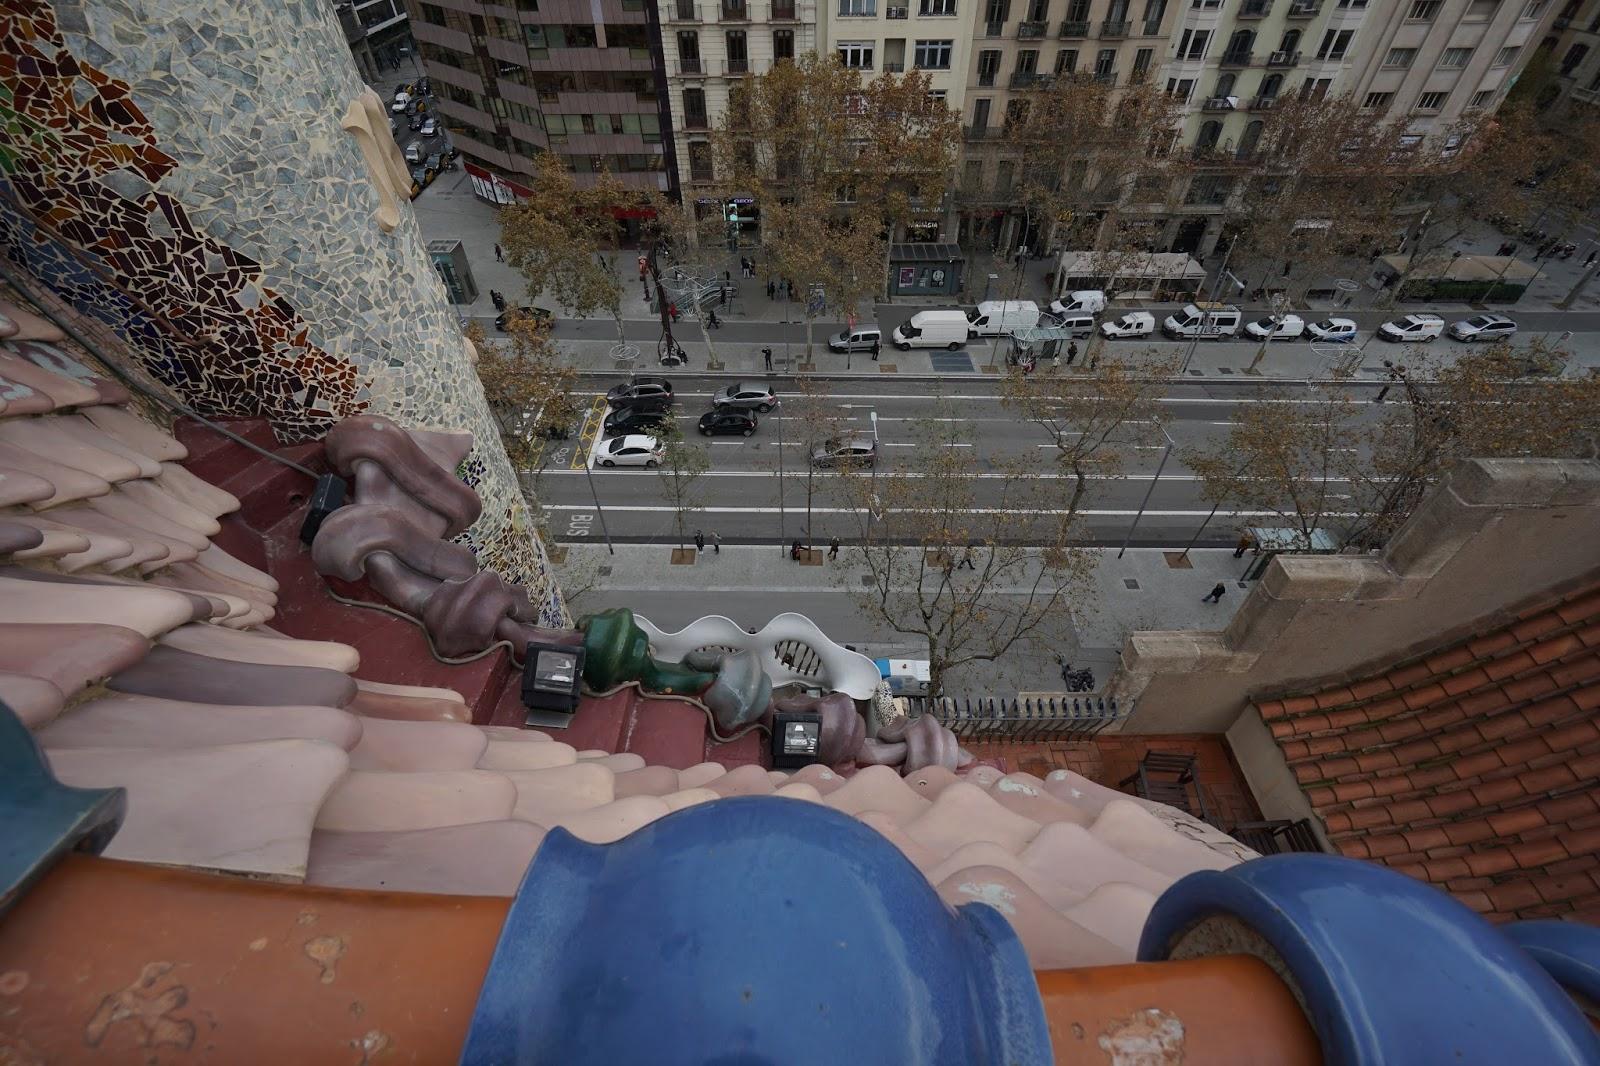 カサ・バトリョ(Casa Batlló) グラシア通りを望む